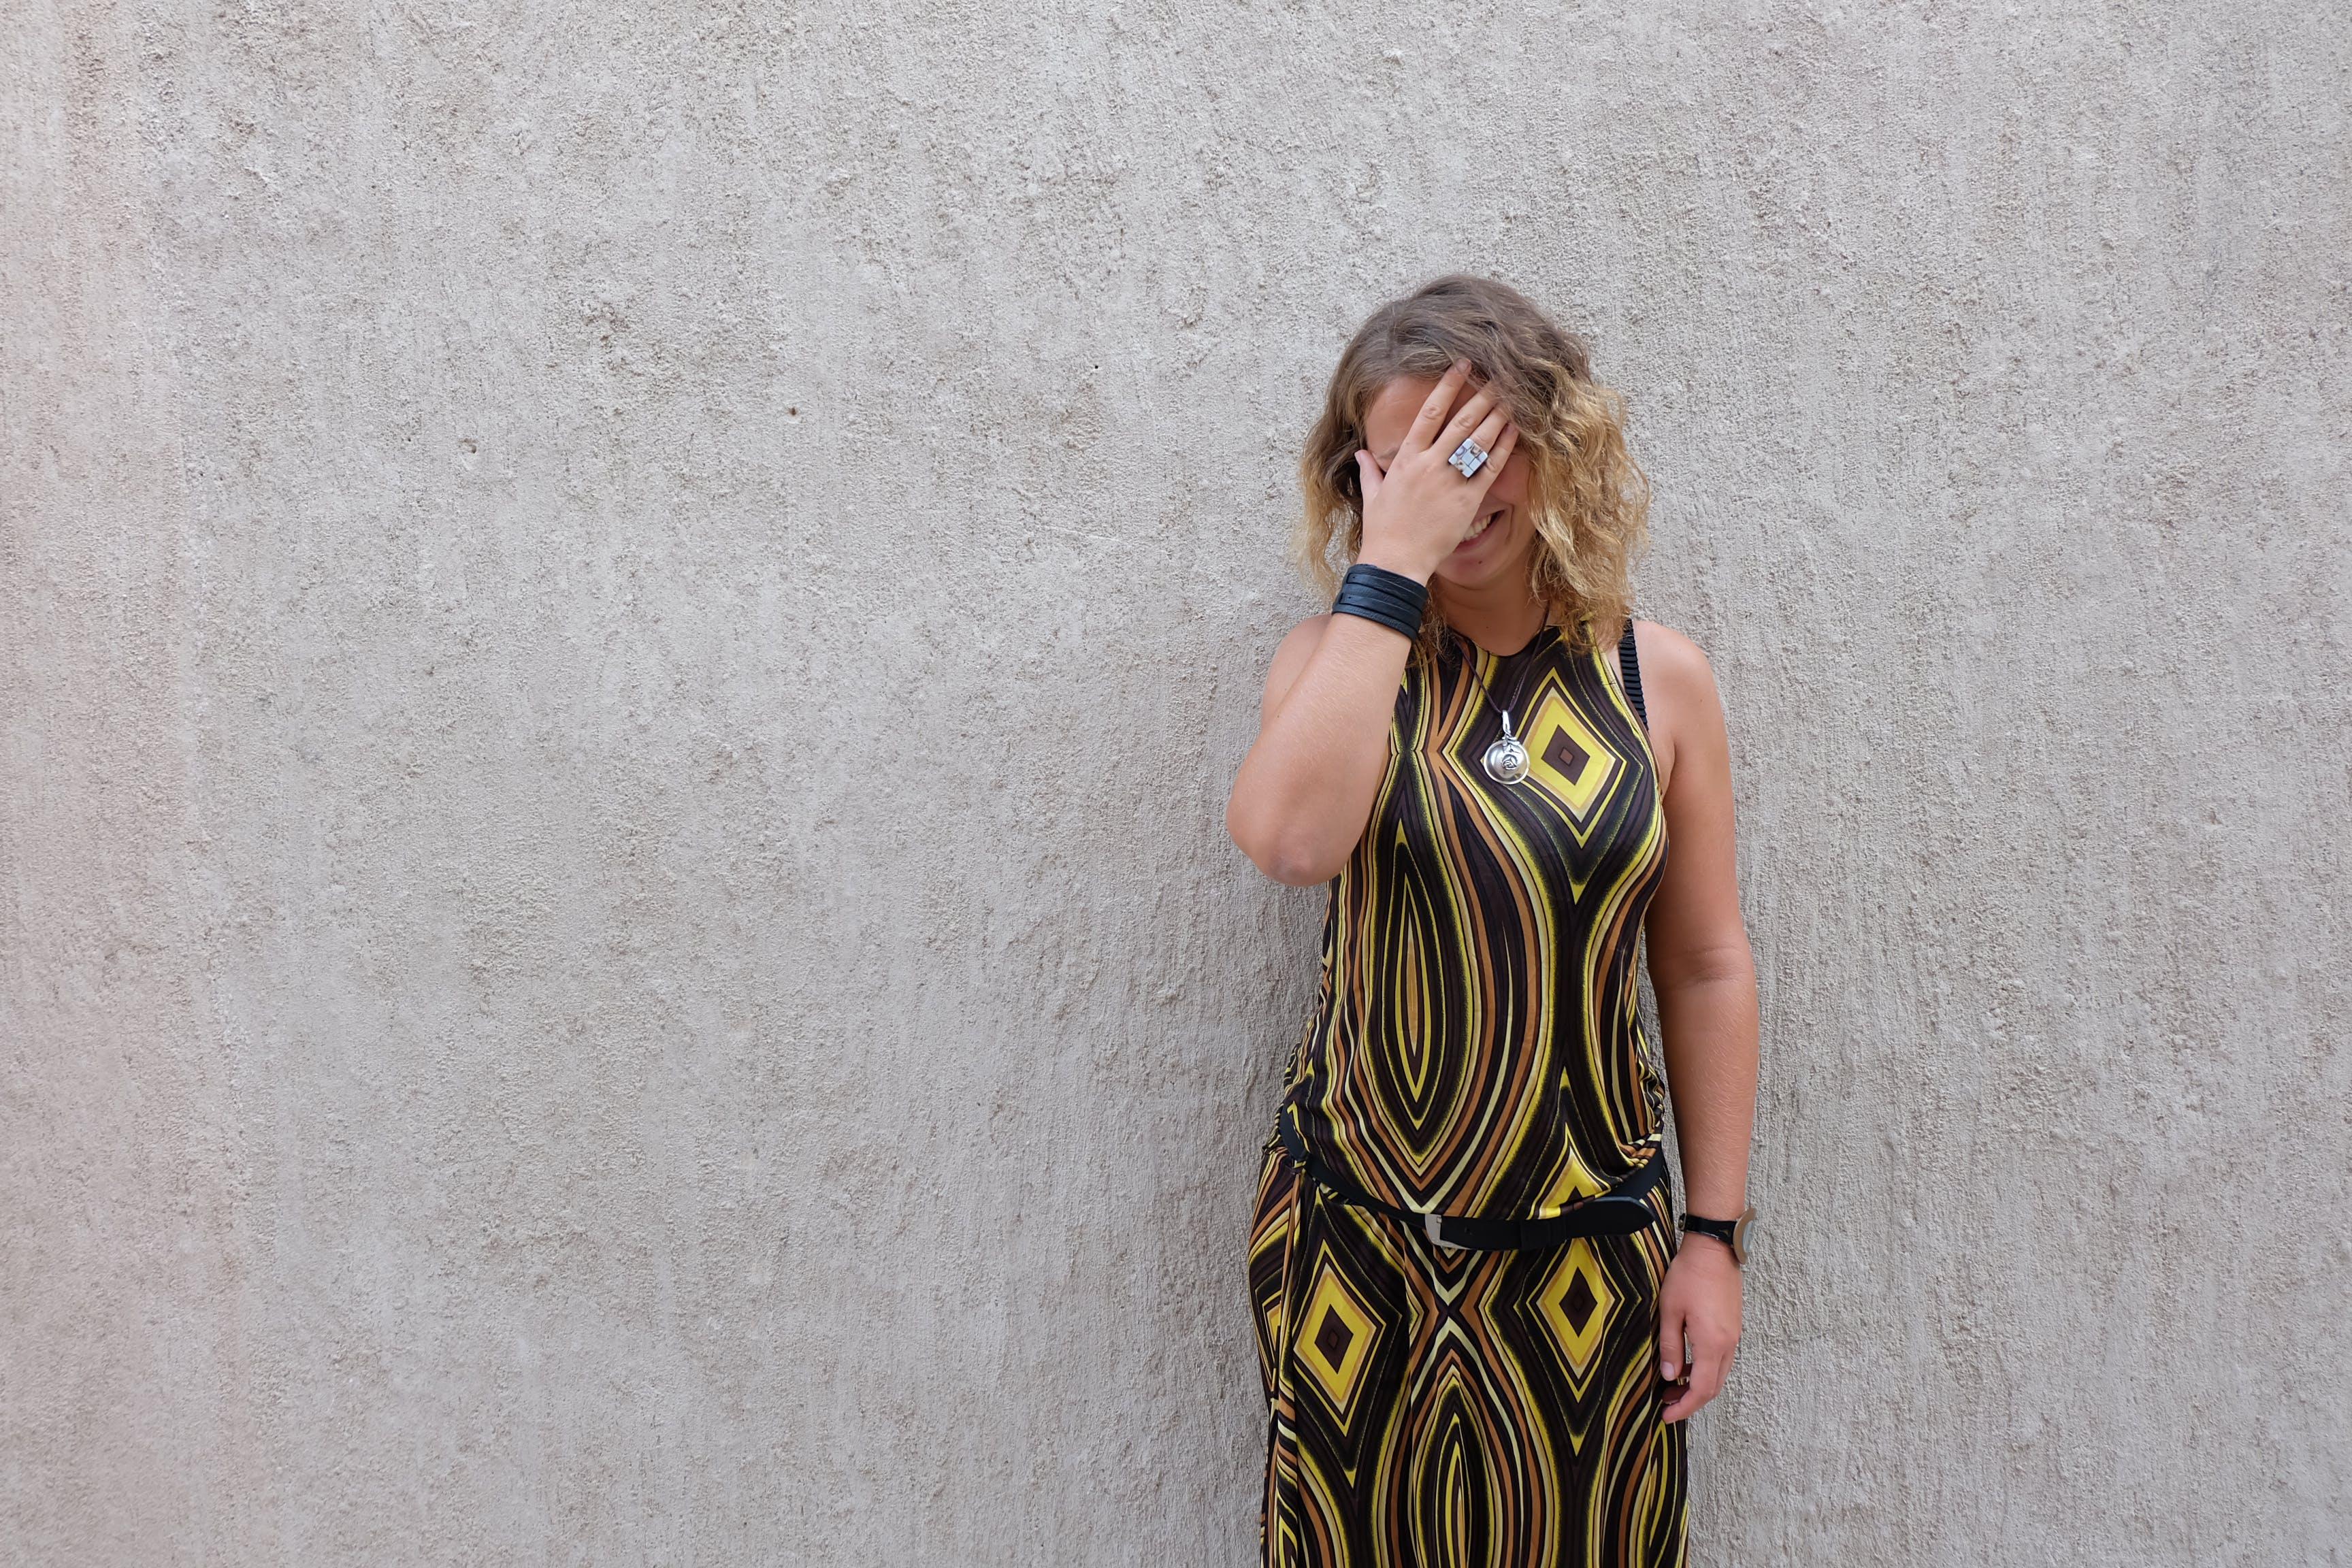 Δωρεάν στοκ φωτογραφιών με γλυκούλι, γυναίκα, κομψός, κρύβοντας το πρόσωπο